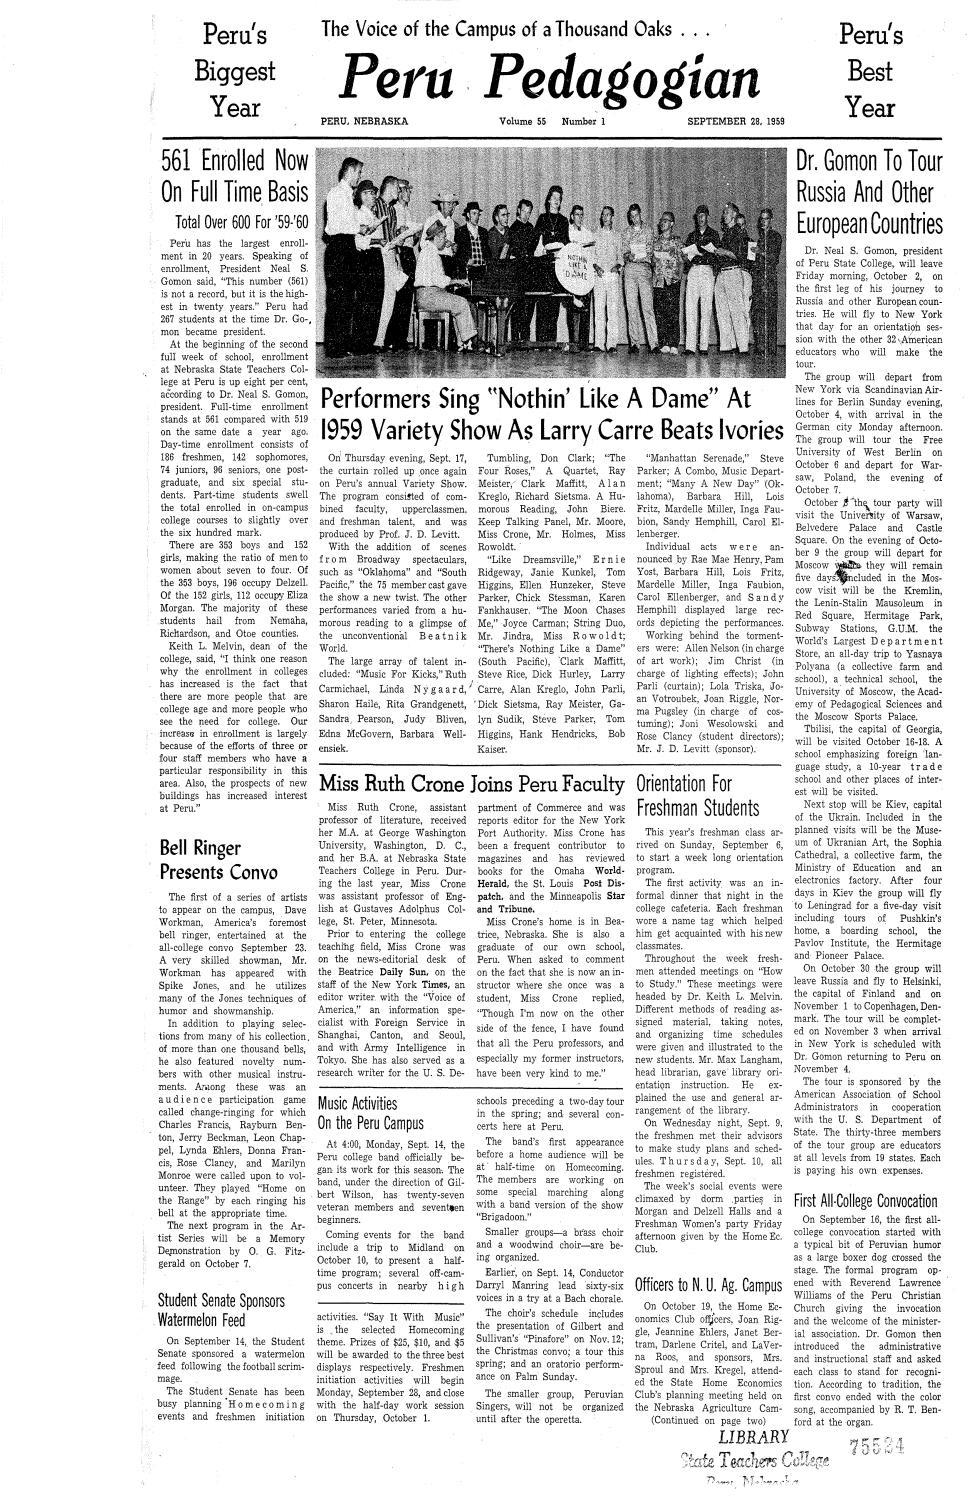 Old Pencil Elk Mound High School 1960-61 Basketball Sch